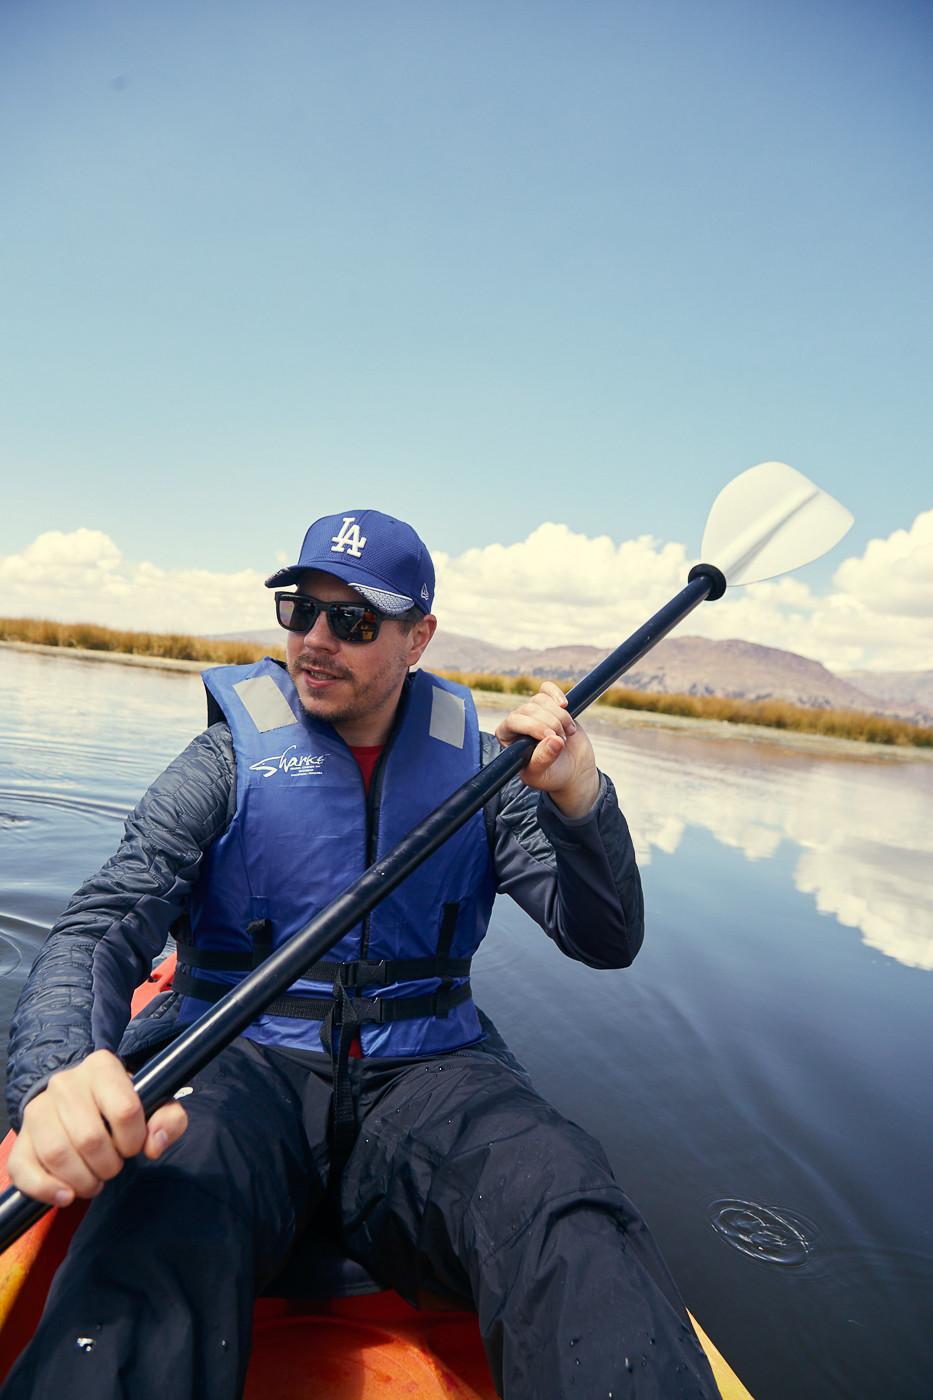 Ronnie, Reiseblogger von Miles and Shores beim Paddeln auf dem Titicacasee